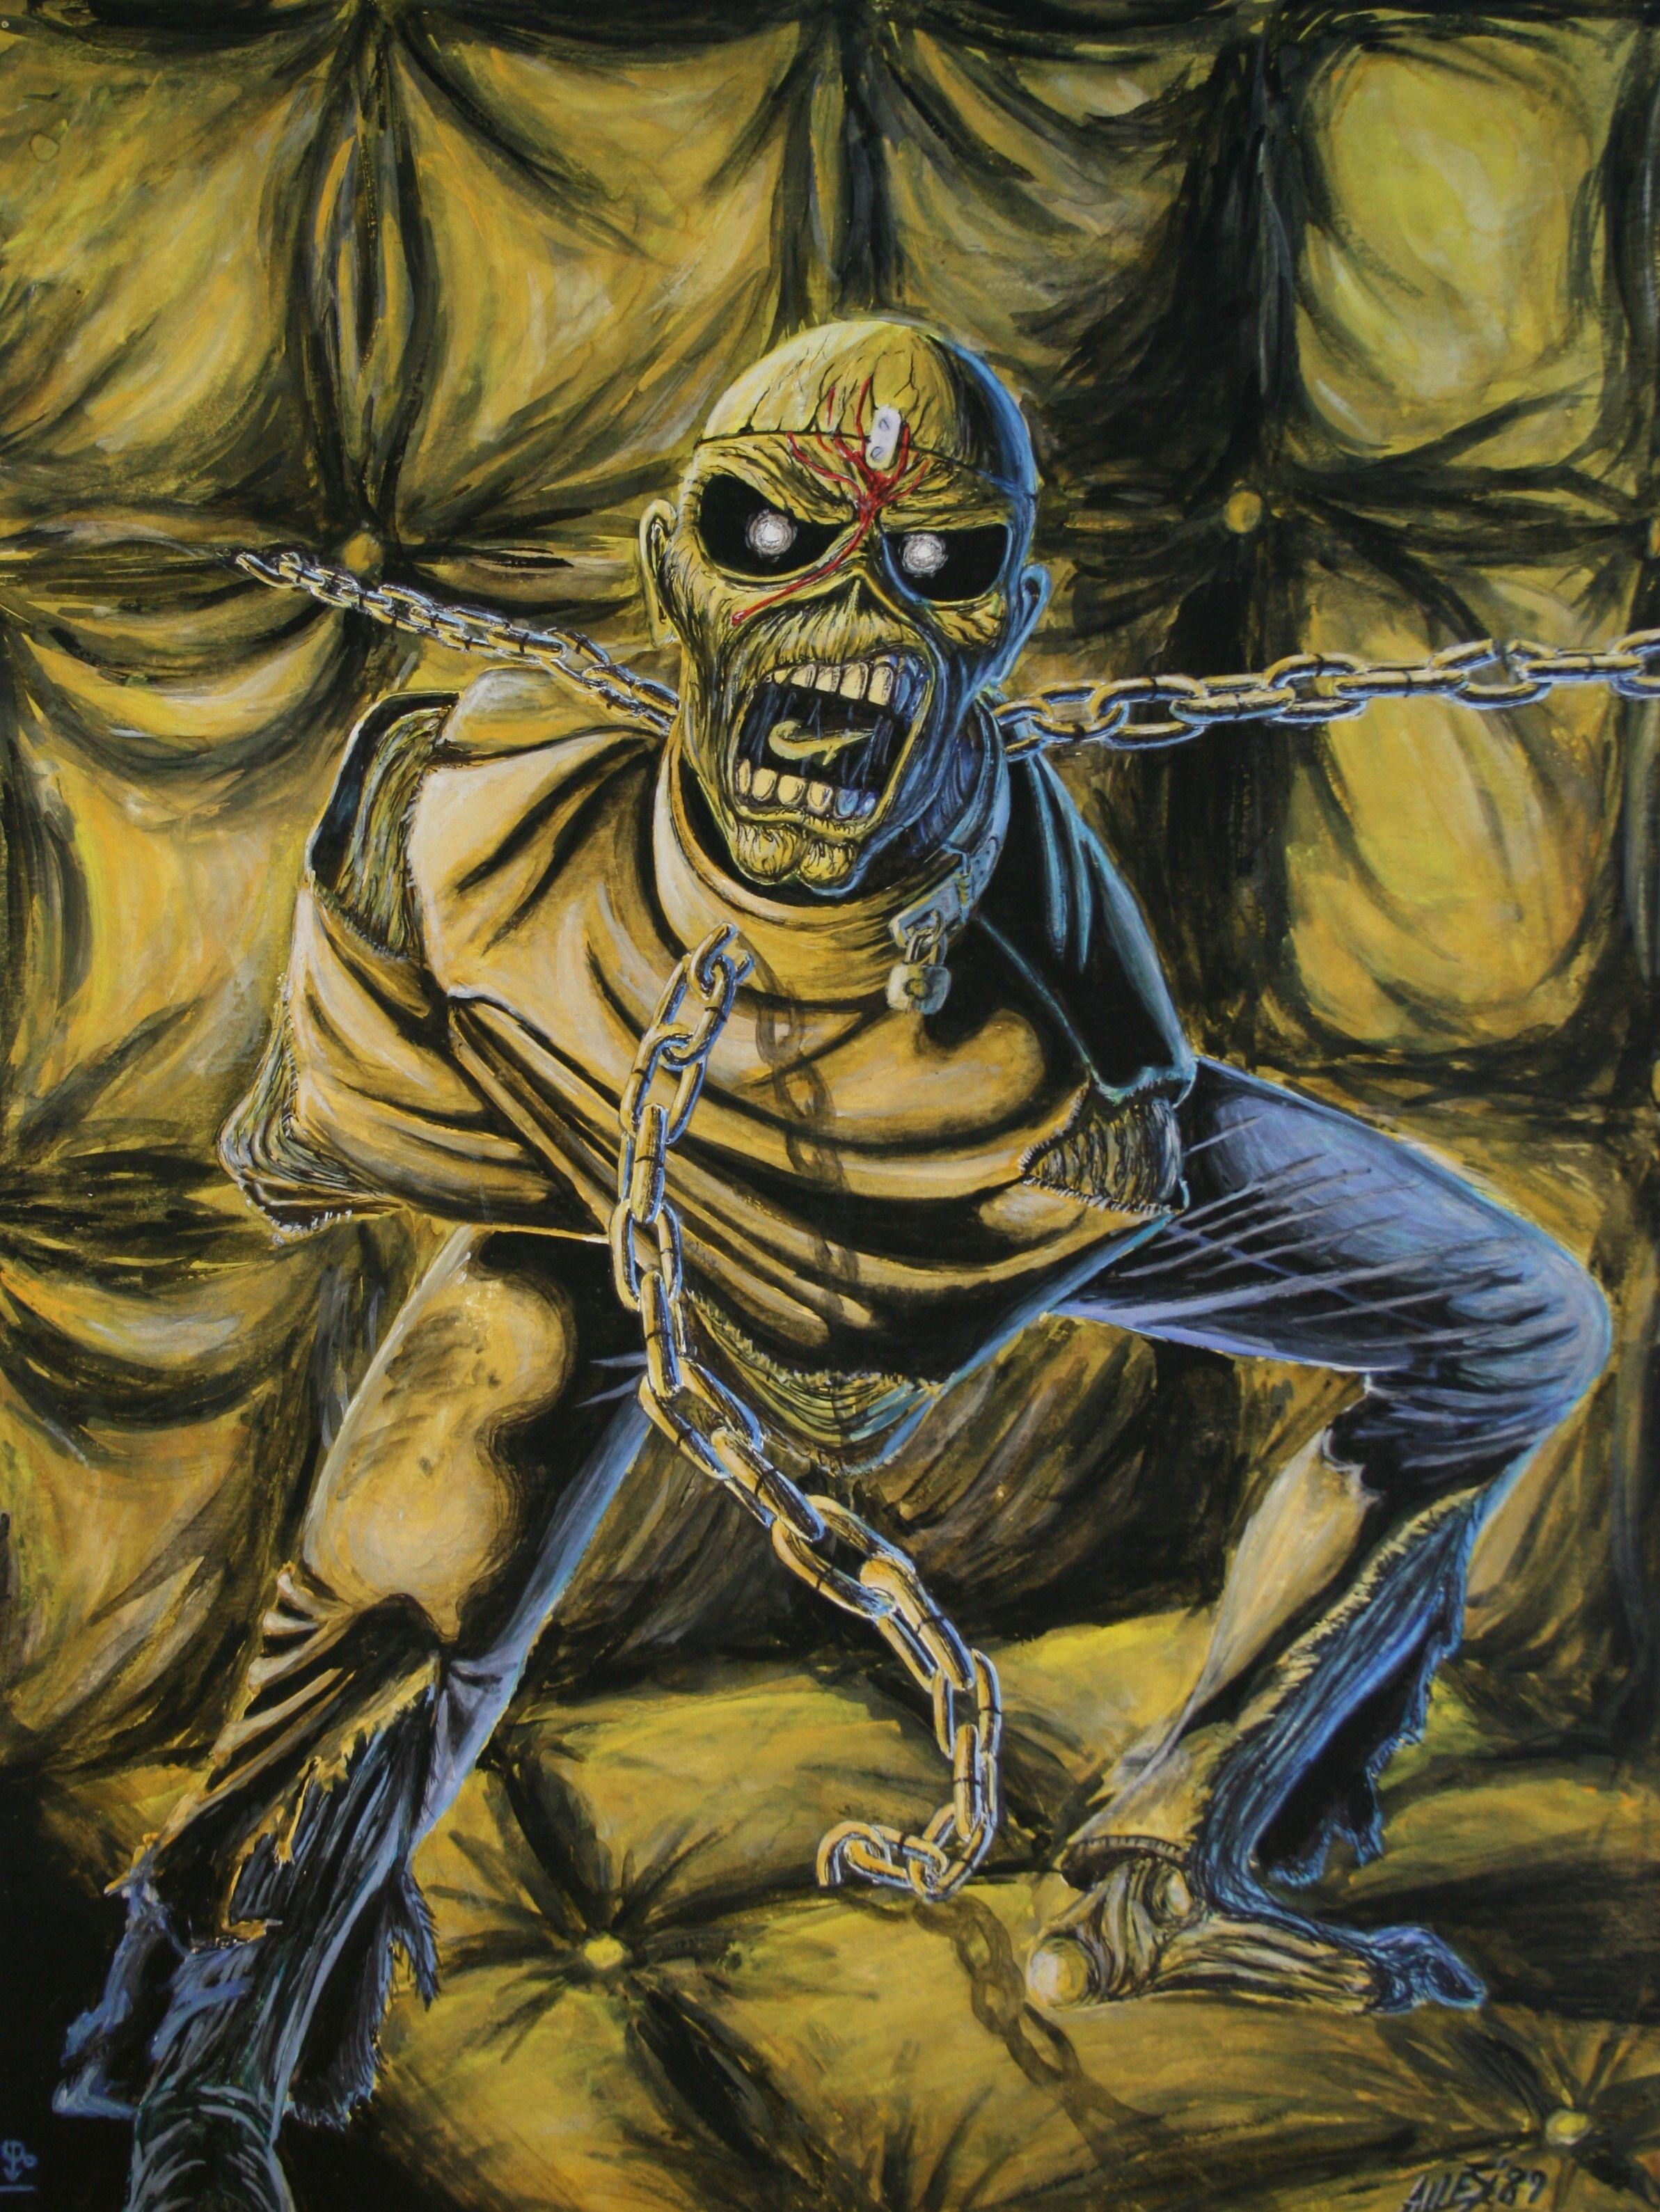 Iron Maiden Eddie the ead Piece of mind Dereck Riggs